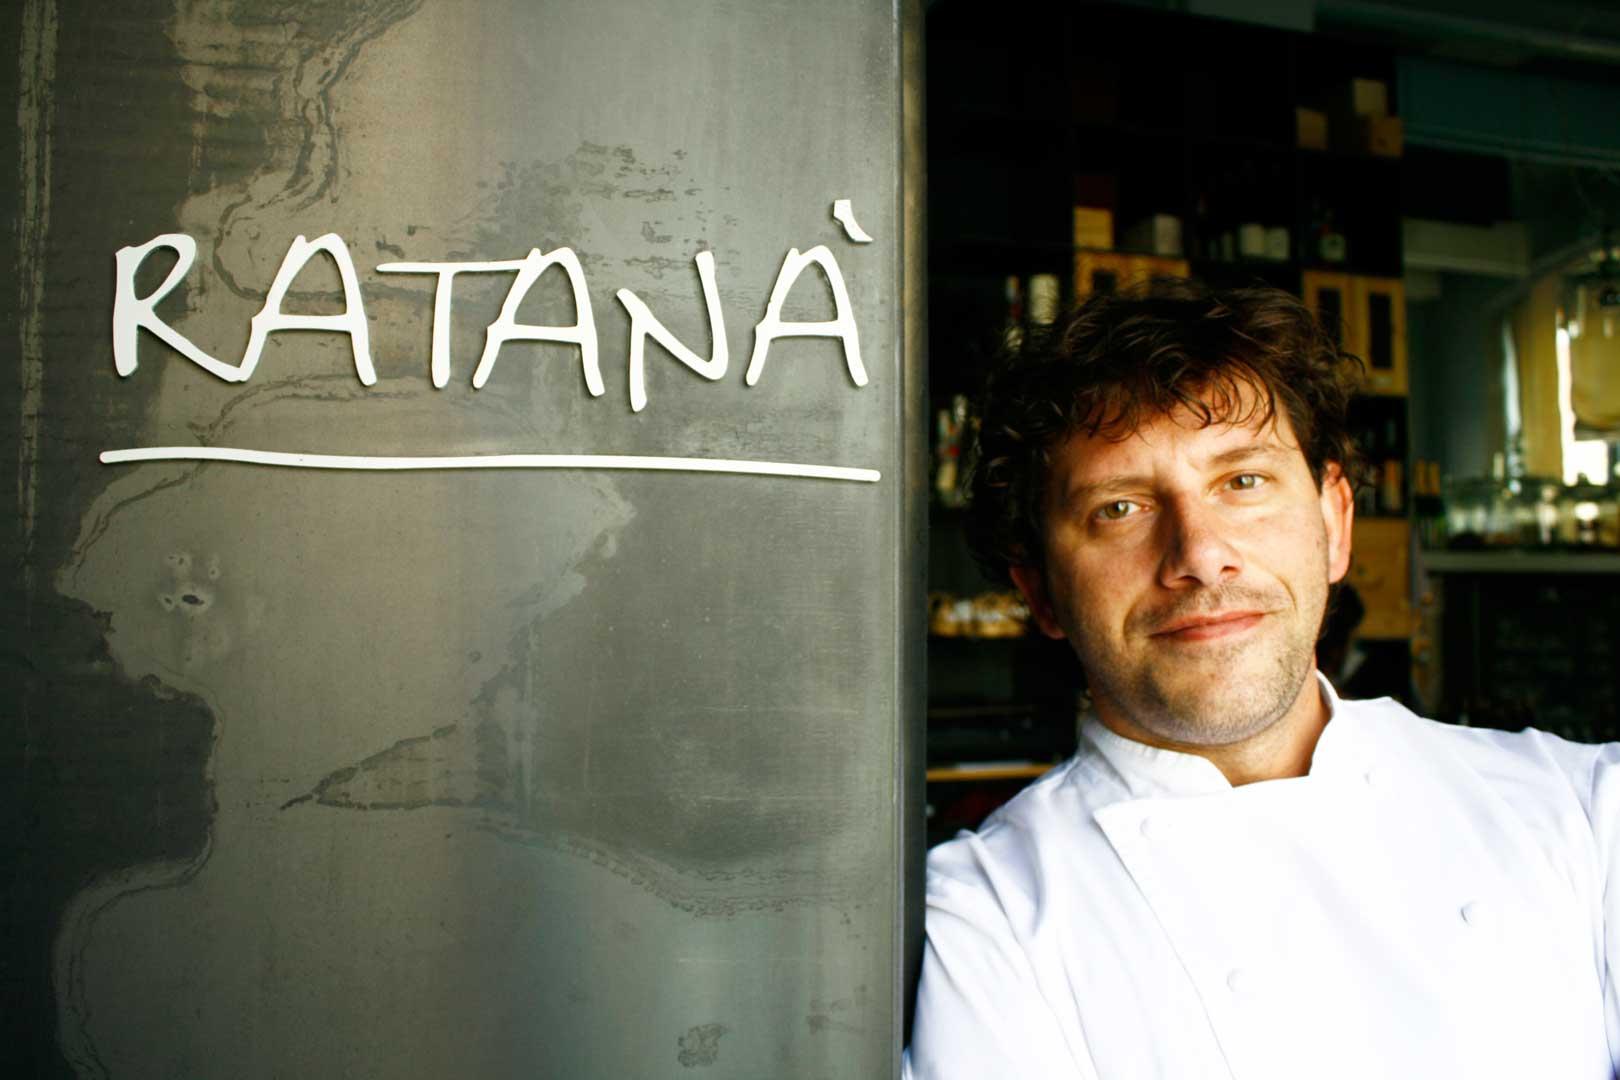 Ratanà